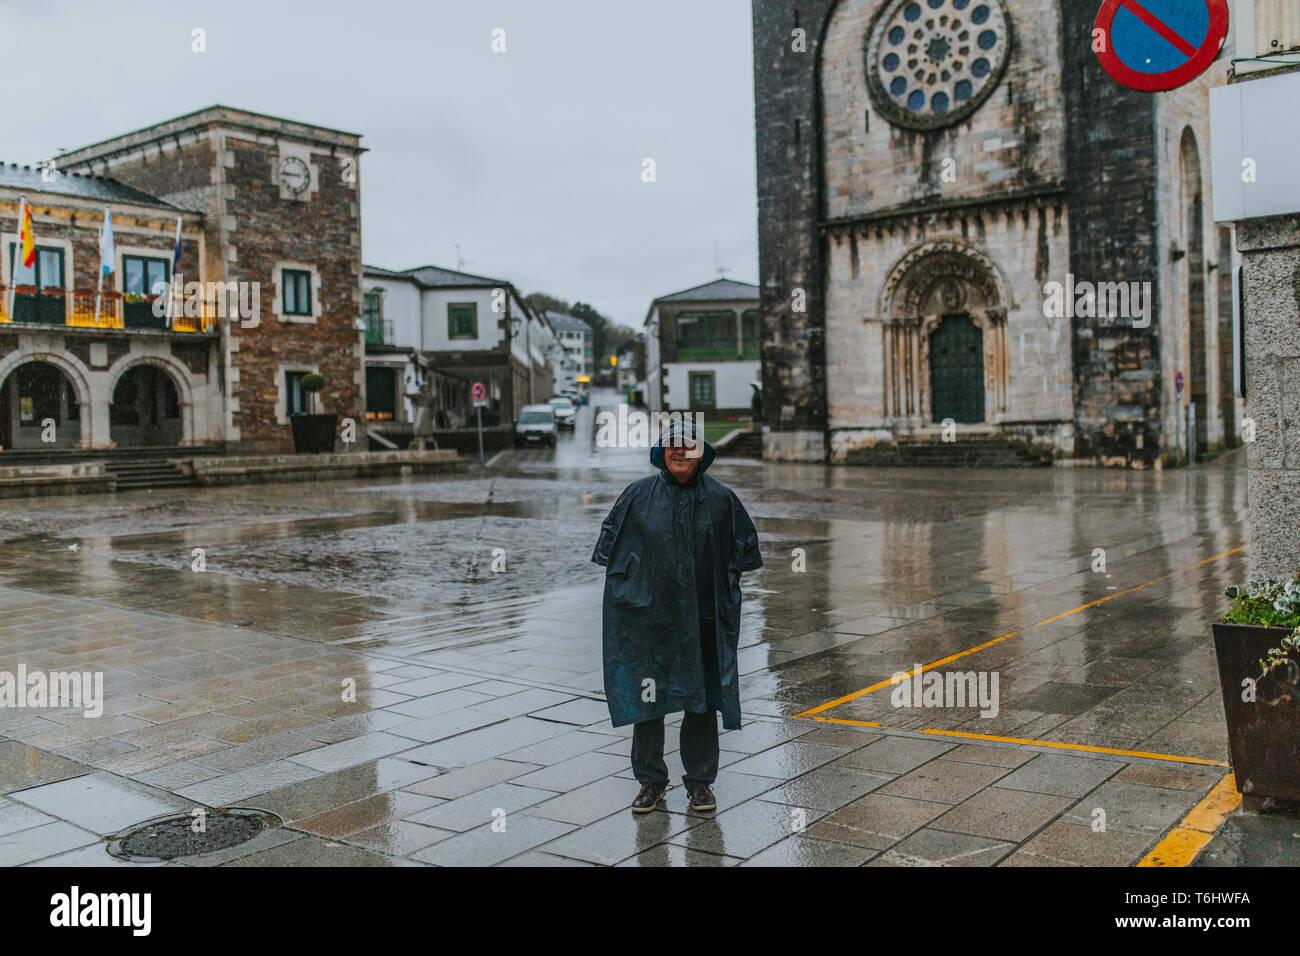 Gerne älterer Mann Portrait mit einem regenmantel auf, vor einer romanischen Kirche während der Jakobsweg. Stockbild